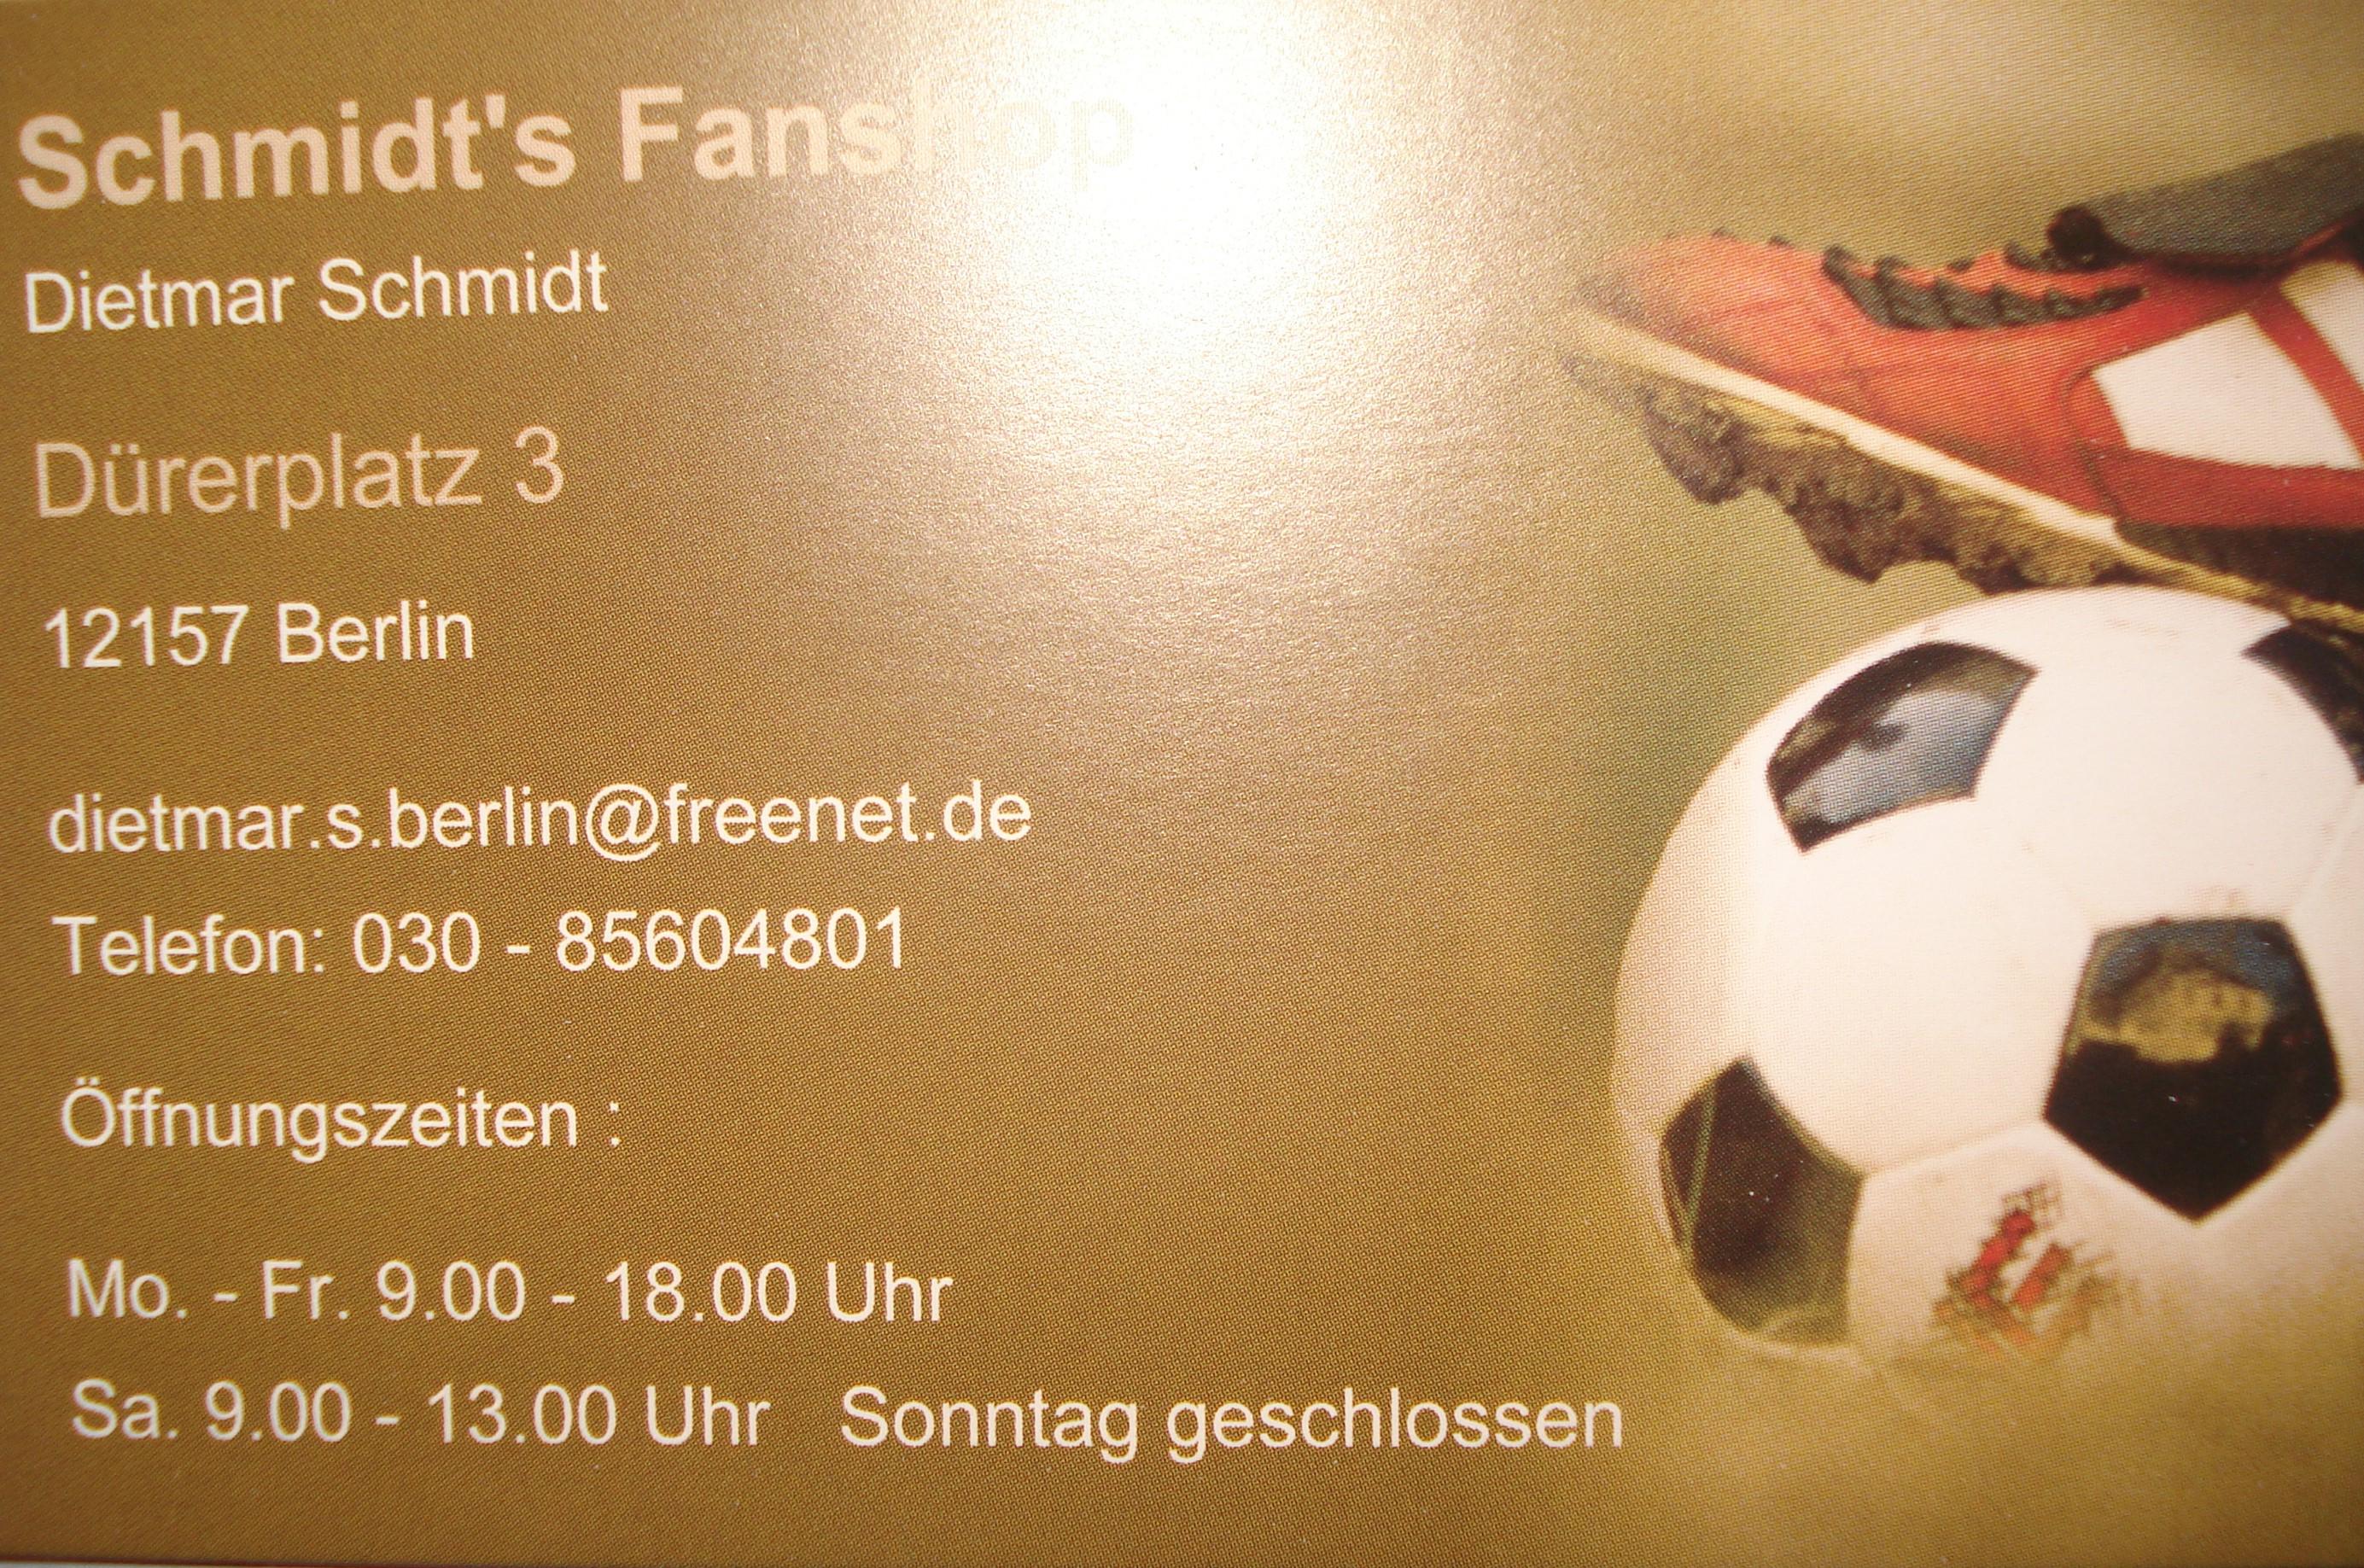 Schmidts Fanshop